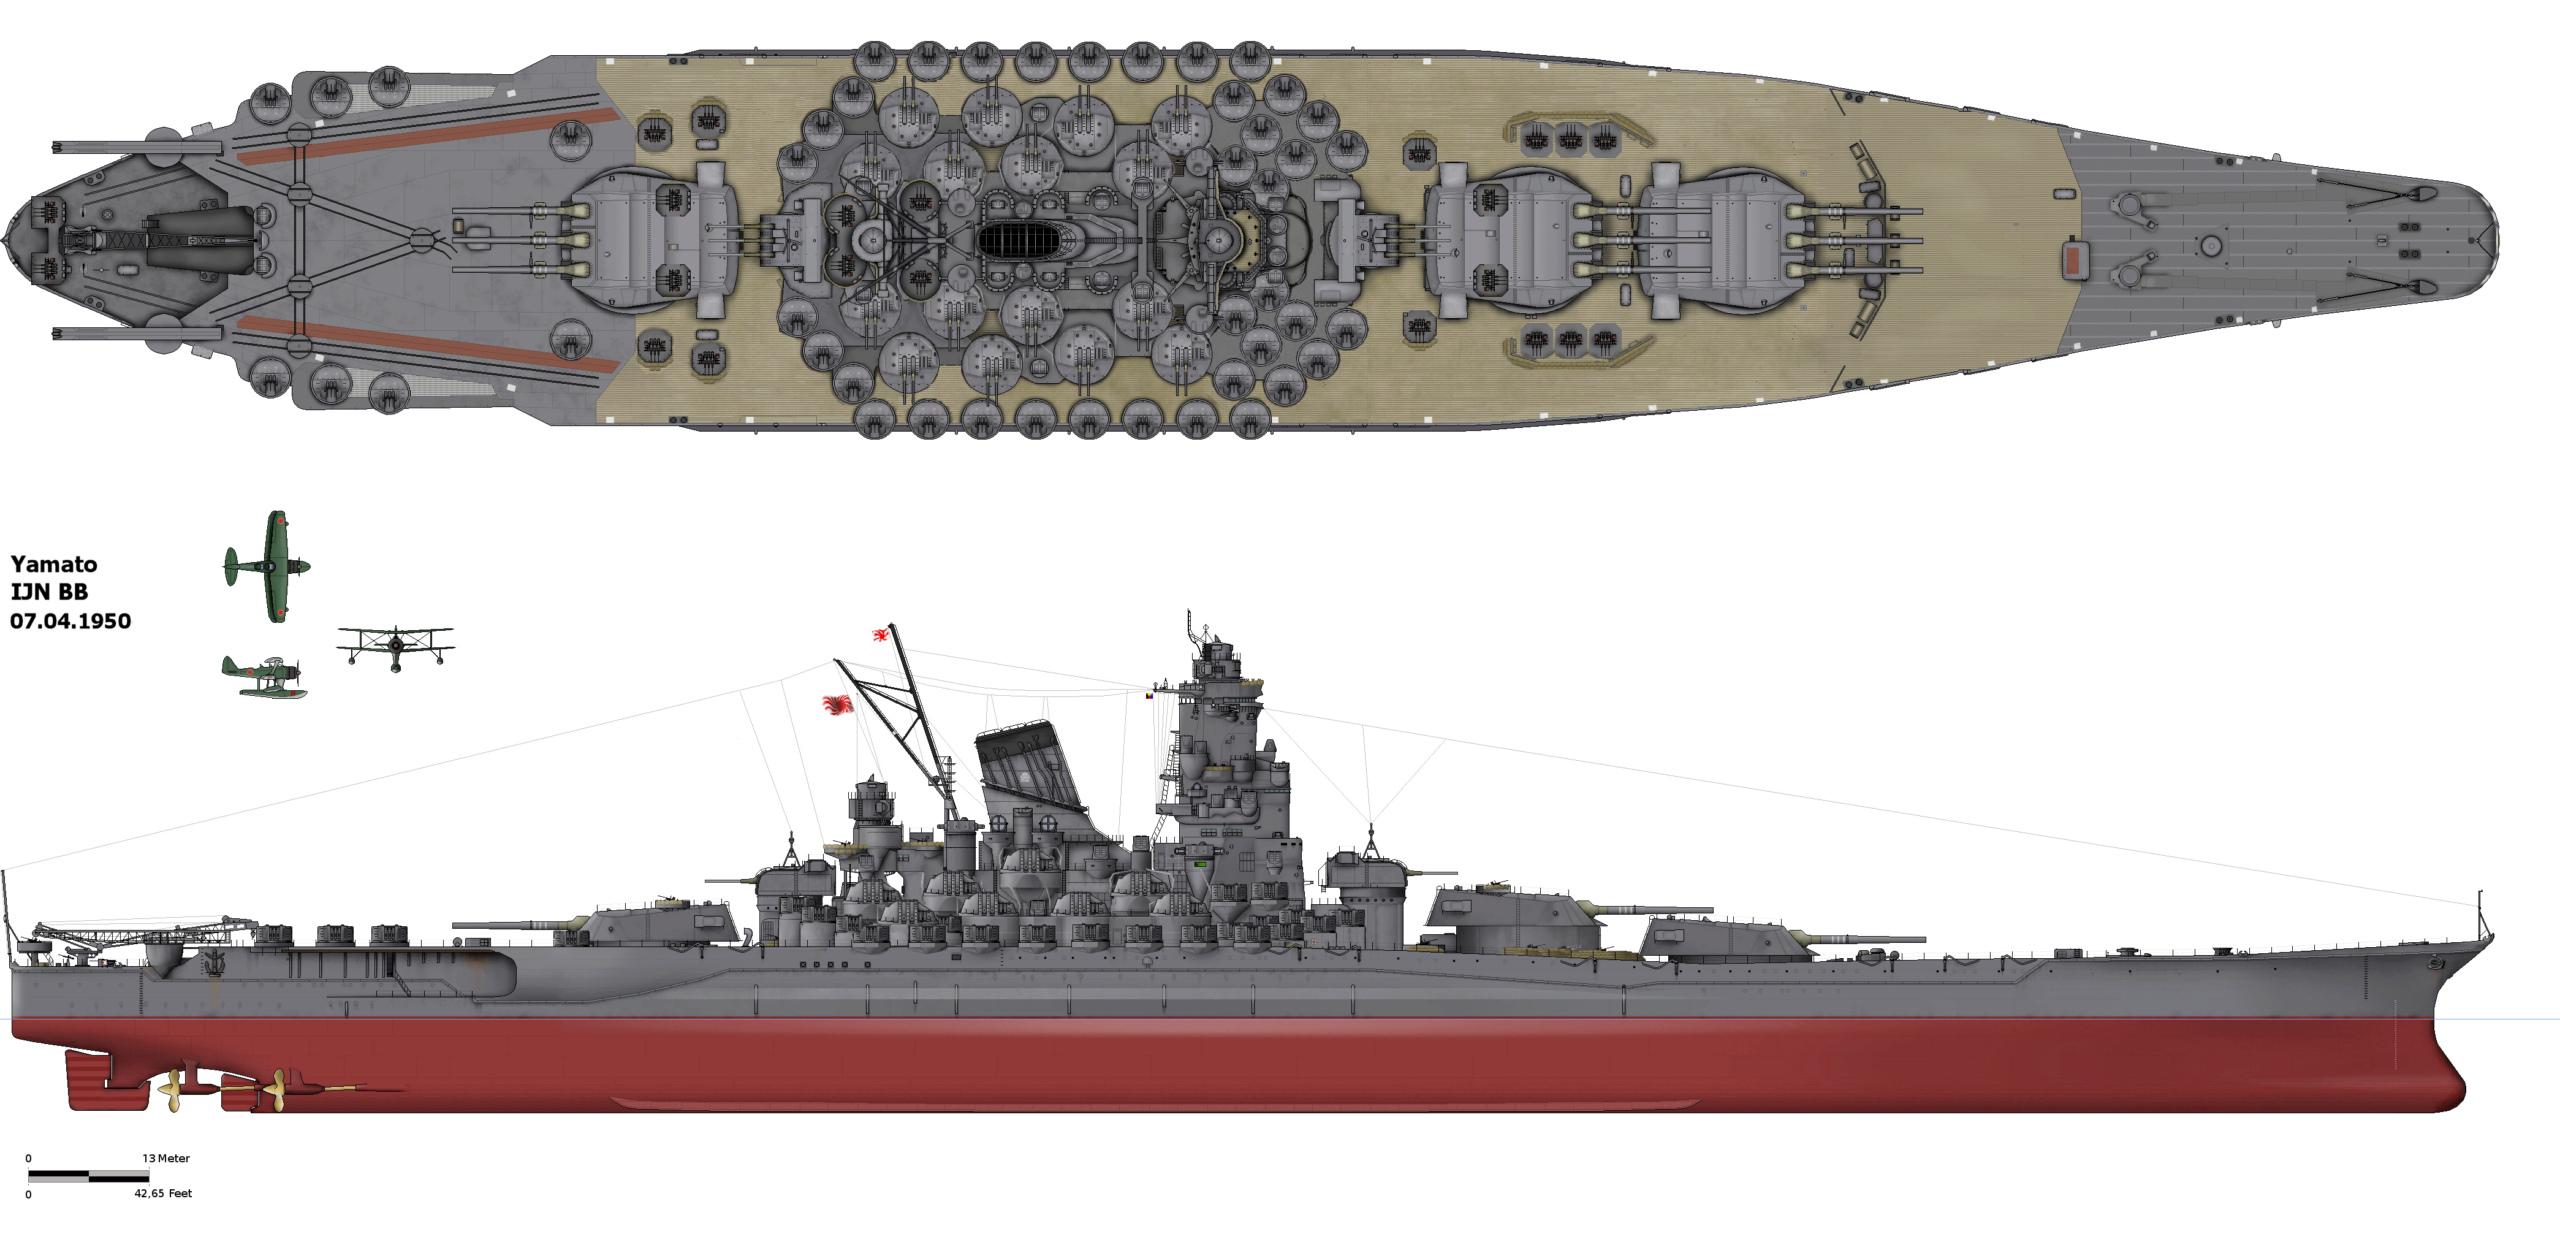 [Uchronie] IJN Yamato 1955 (Nichimo, Fujimi et scratch 1/200°) par habikitokay - Page 3 Yamato11